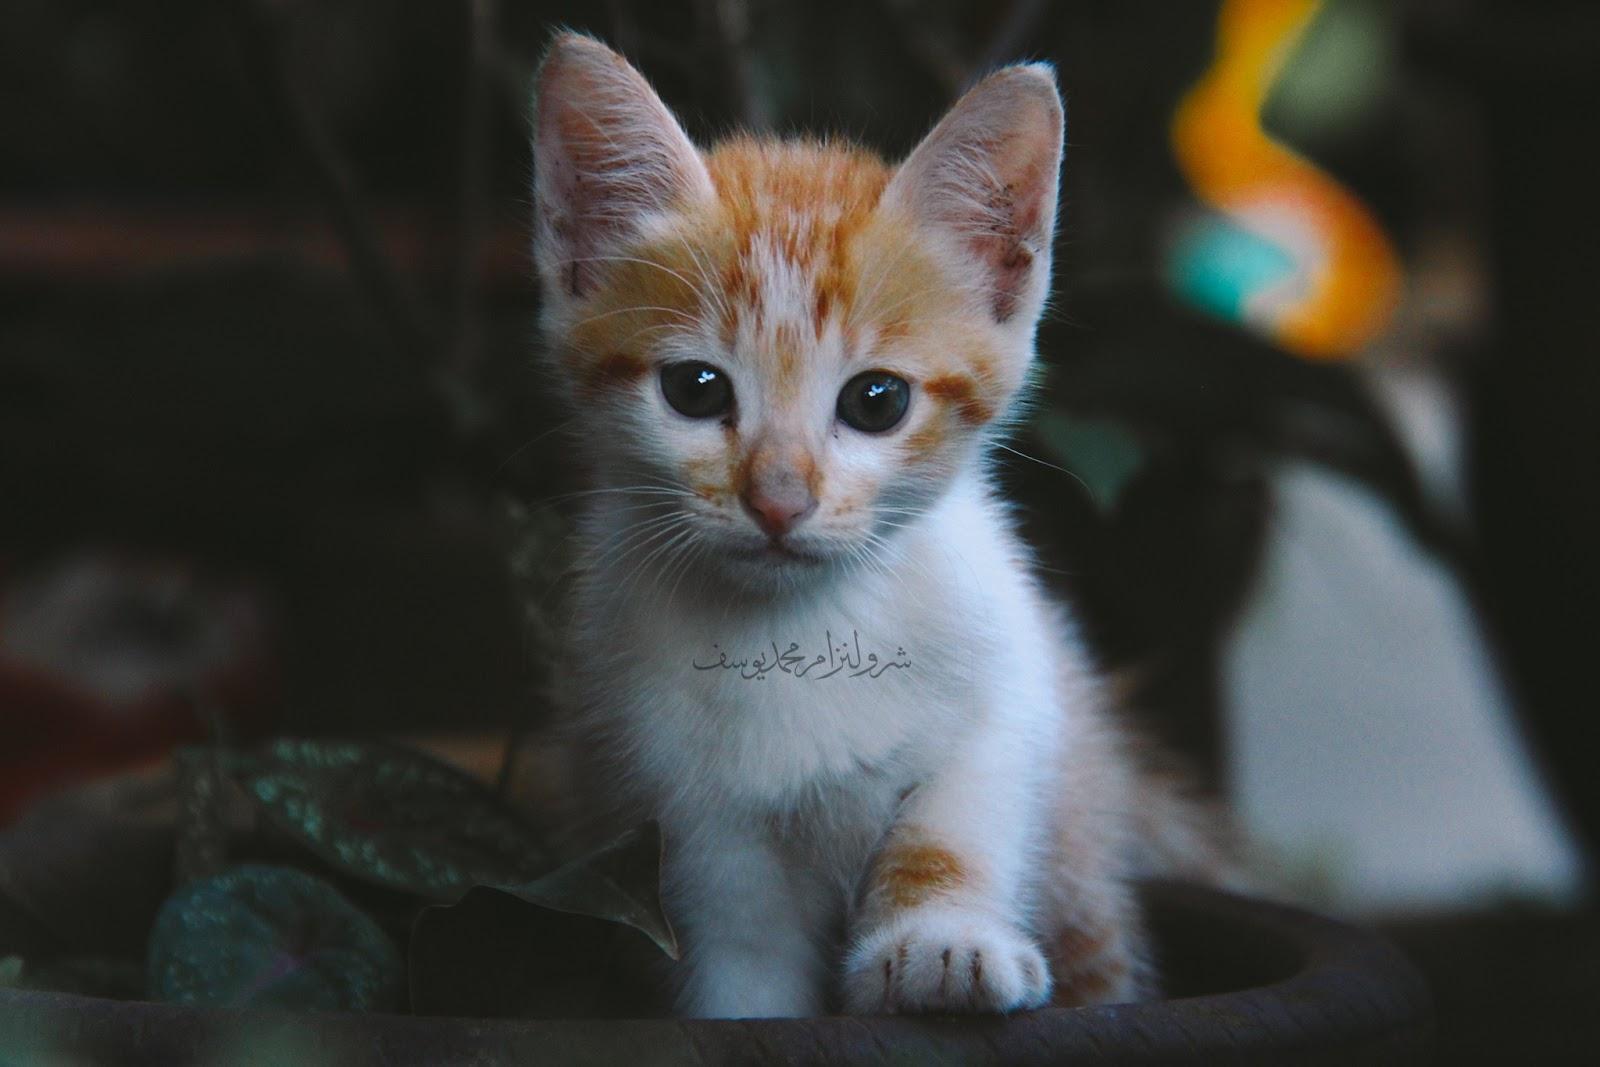 Anak Kucing Yang Comel Dan Riang - 5